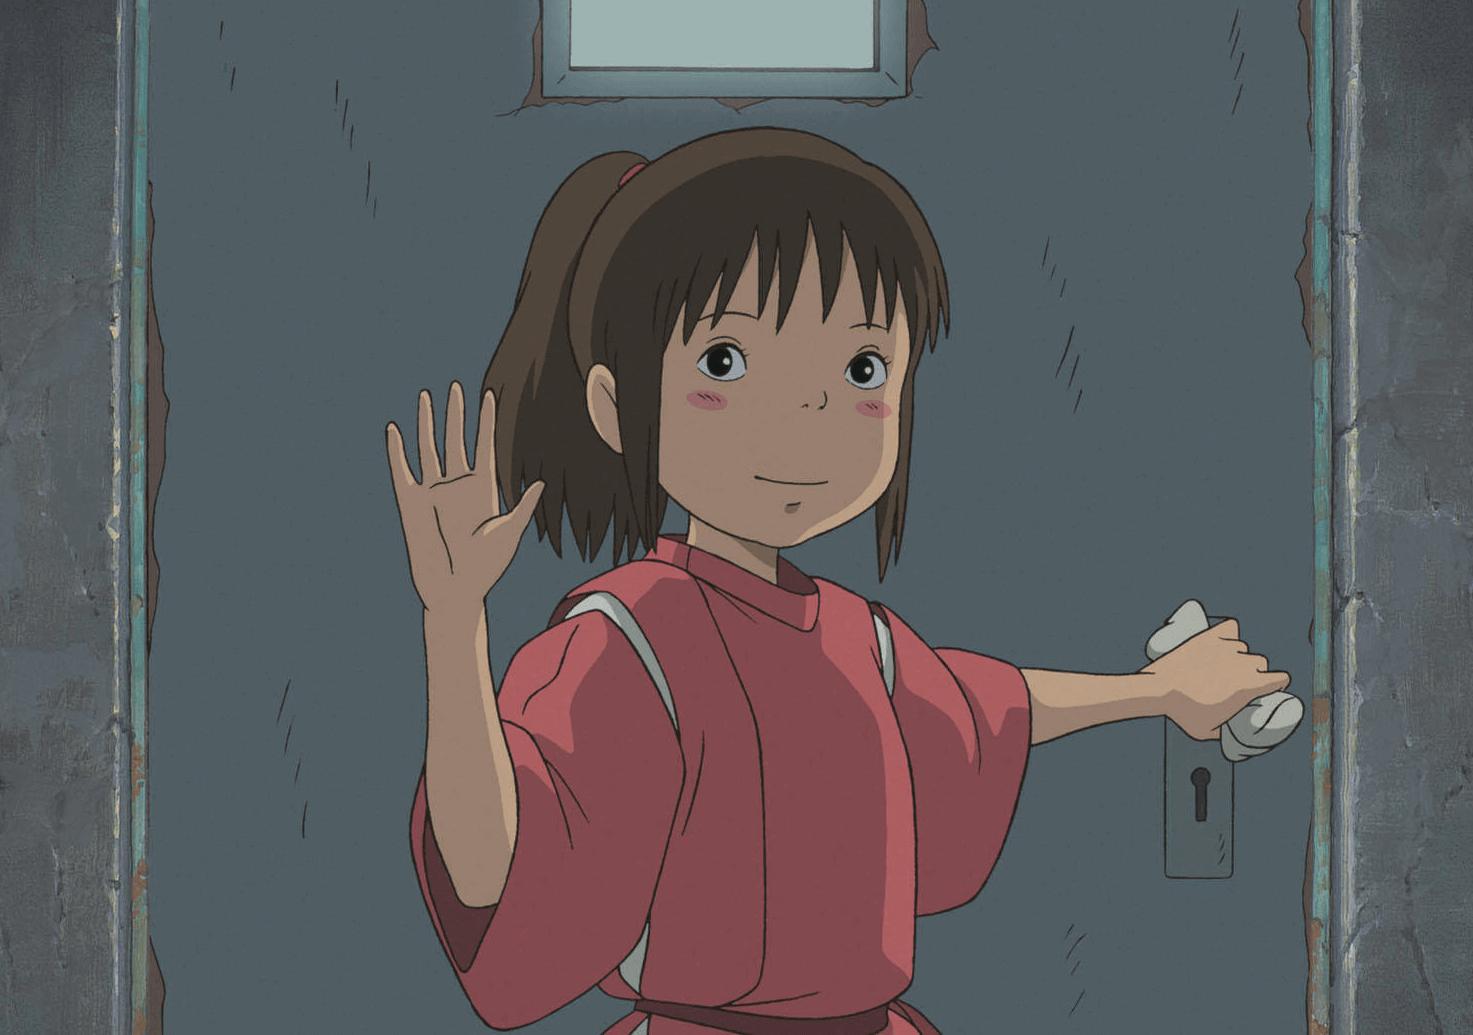 宫崎骏和吉卜力工作室